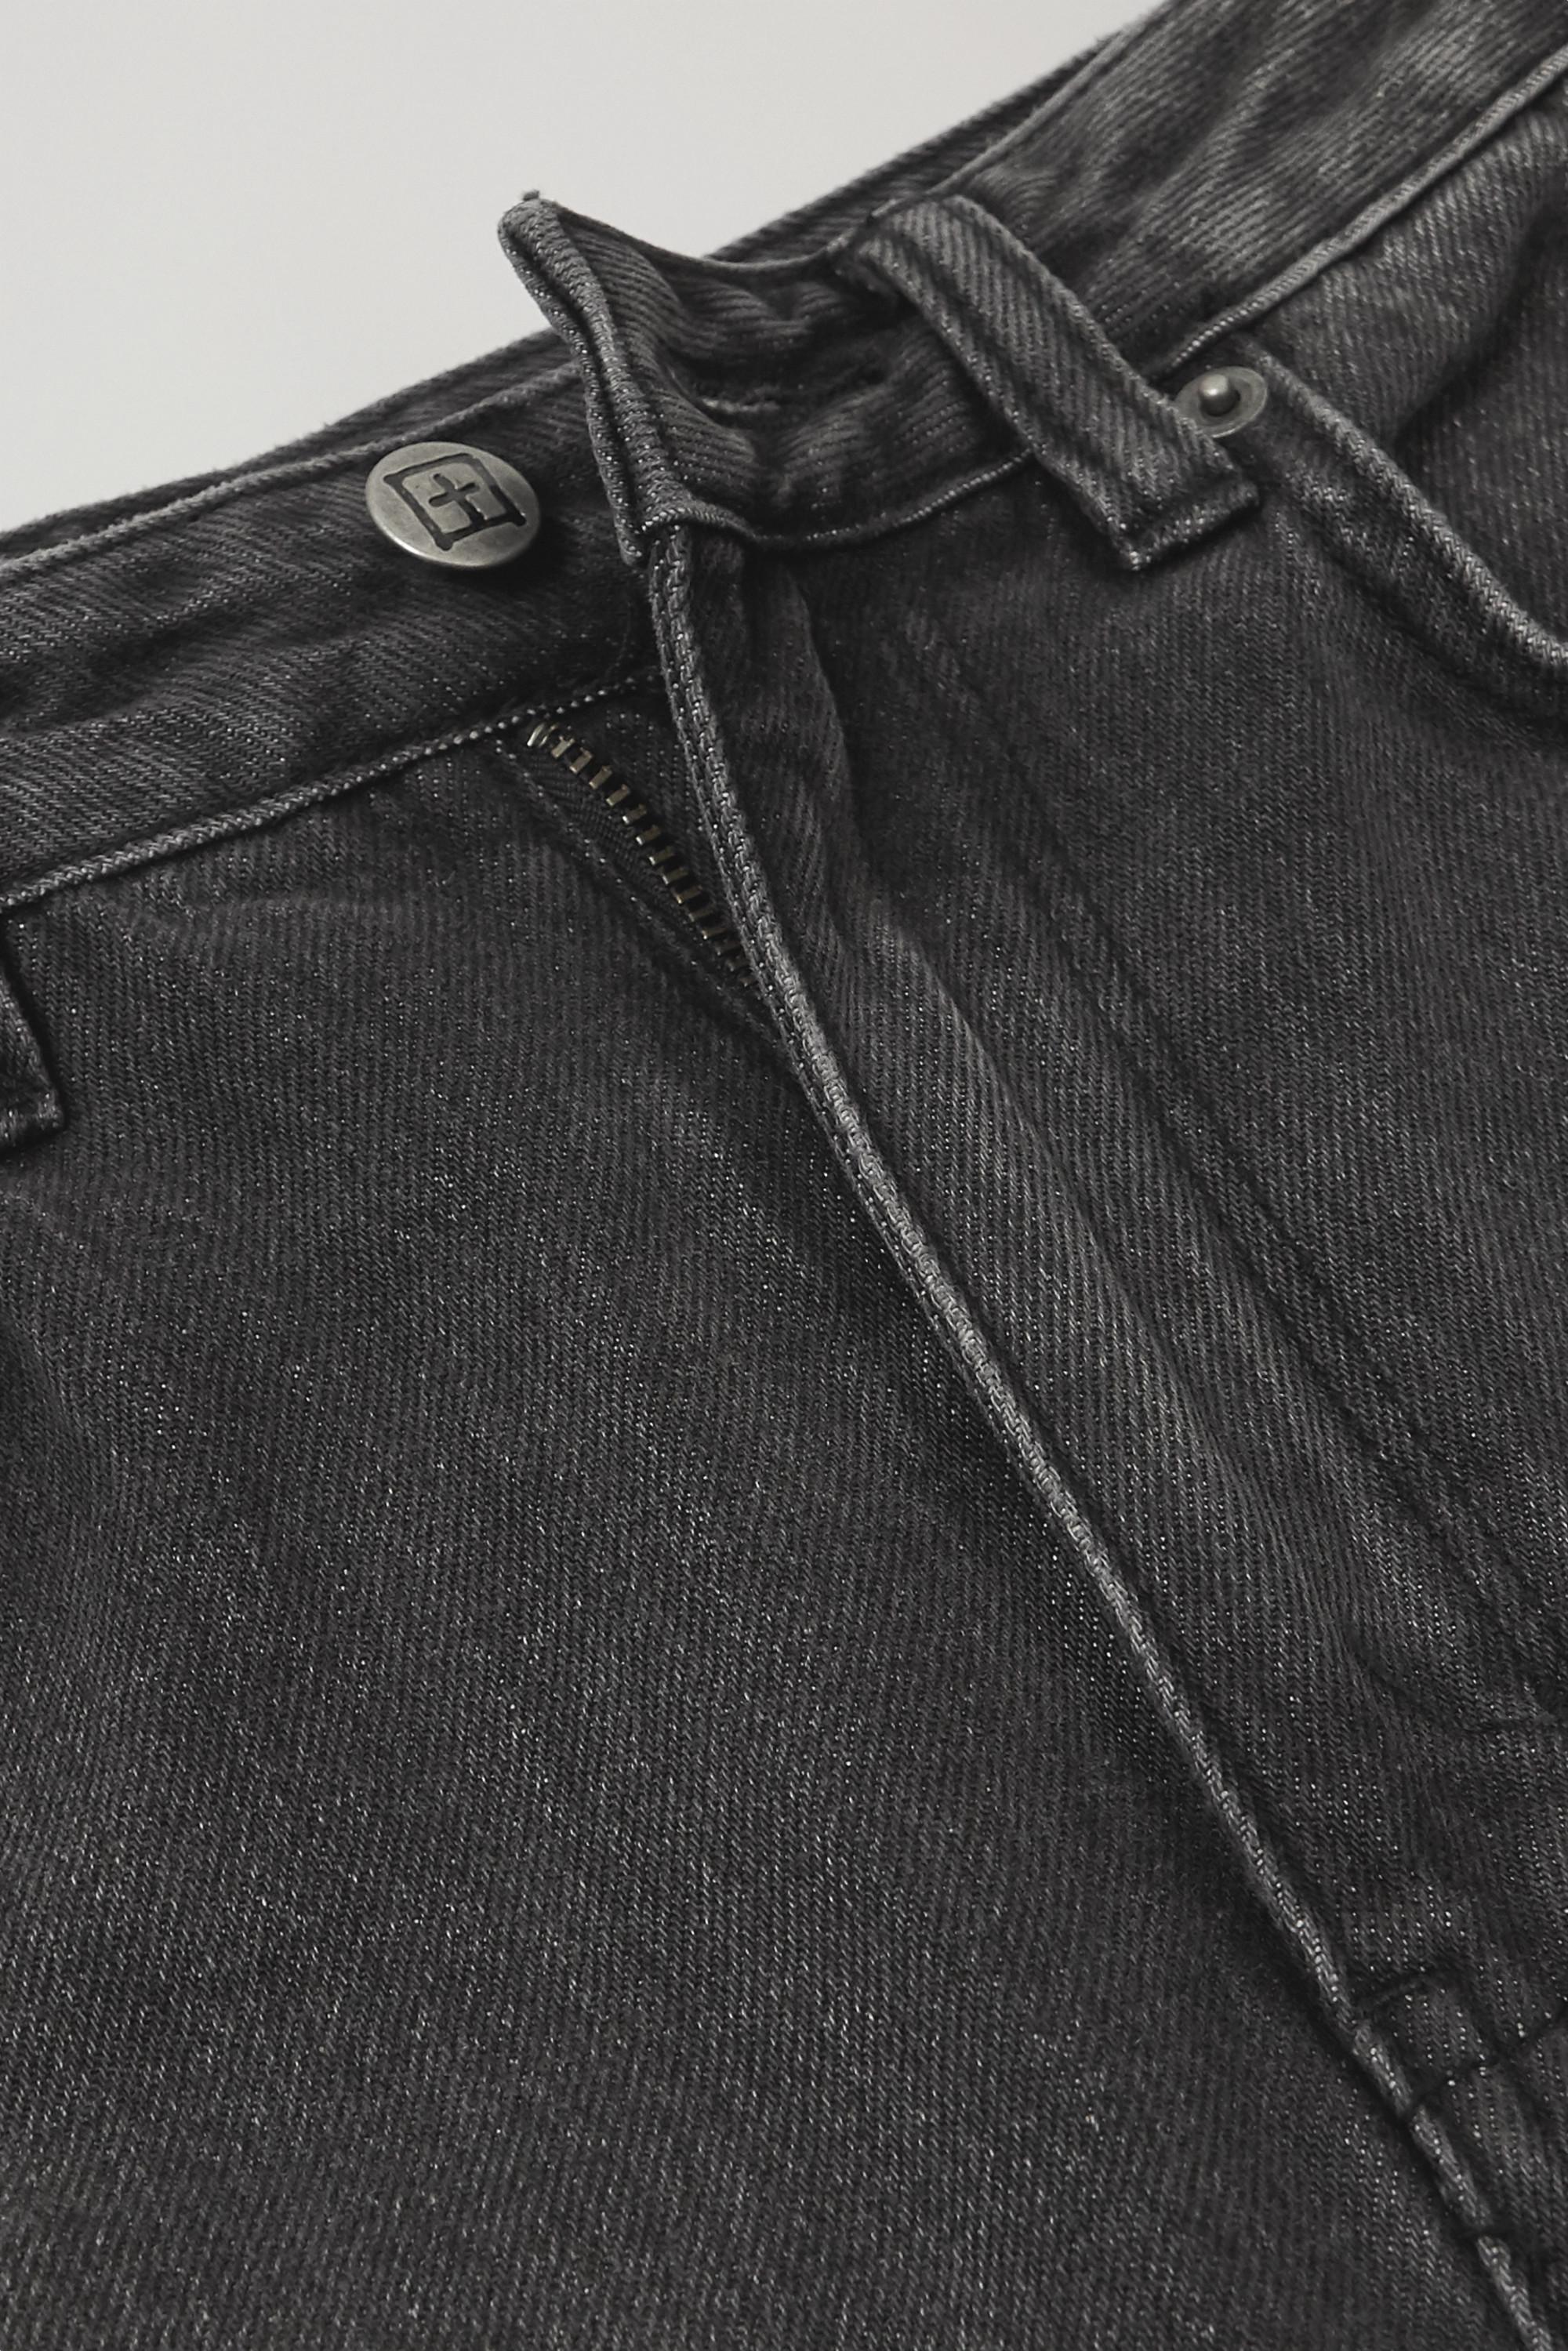 Ksubi Chlo Wasted hoch sitzende Jeans mit geradem Bein in Distressed-Optik